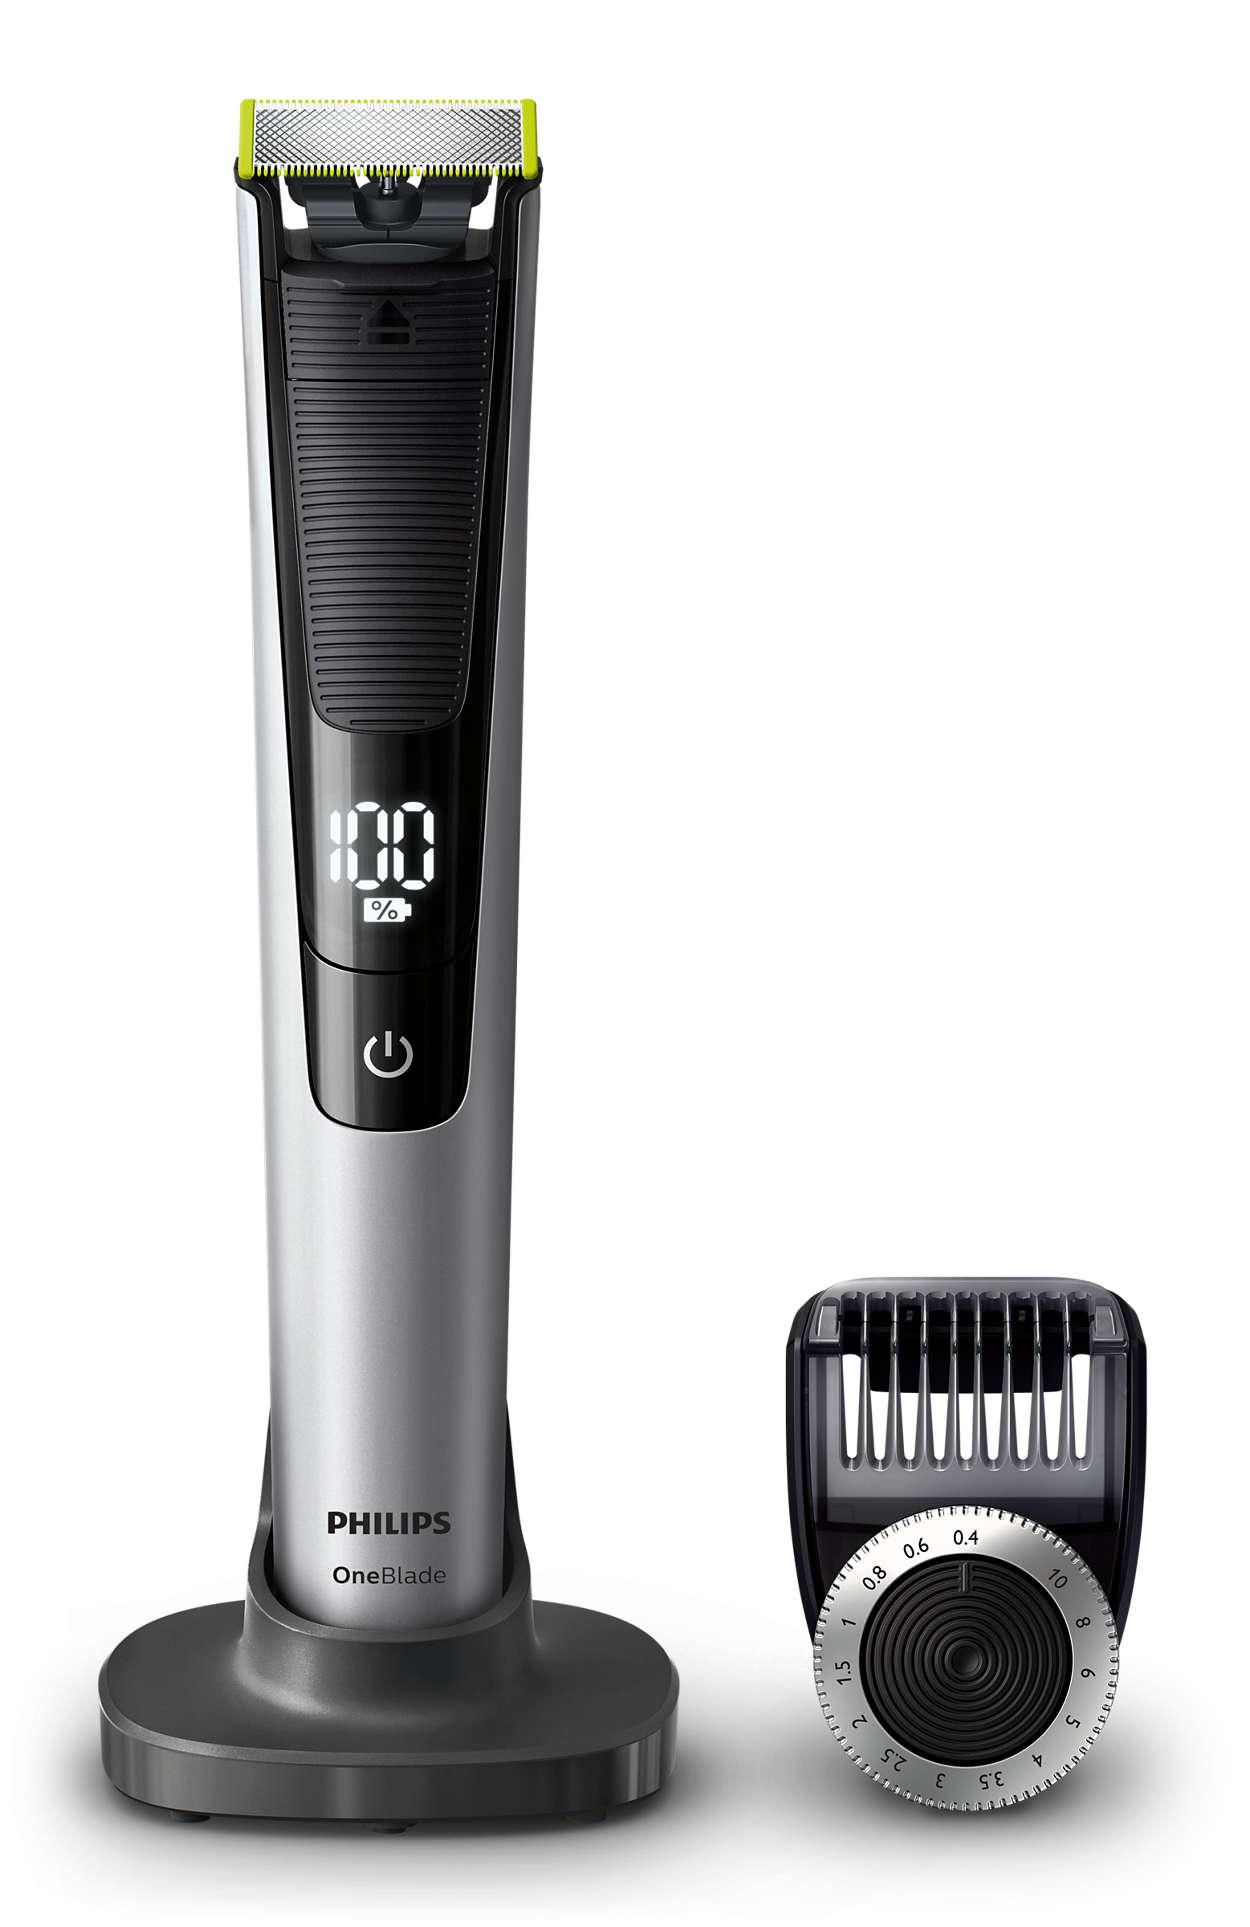 OneBlade - den elektriske barberhøvelen